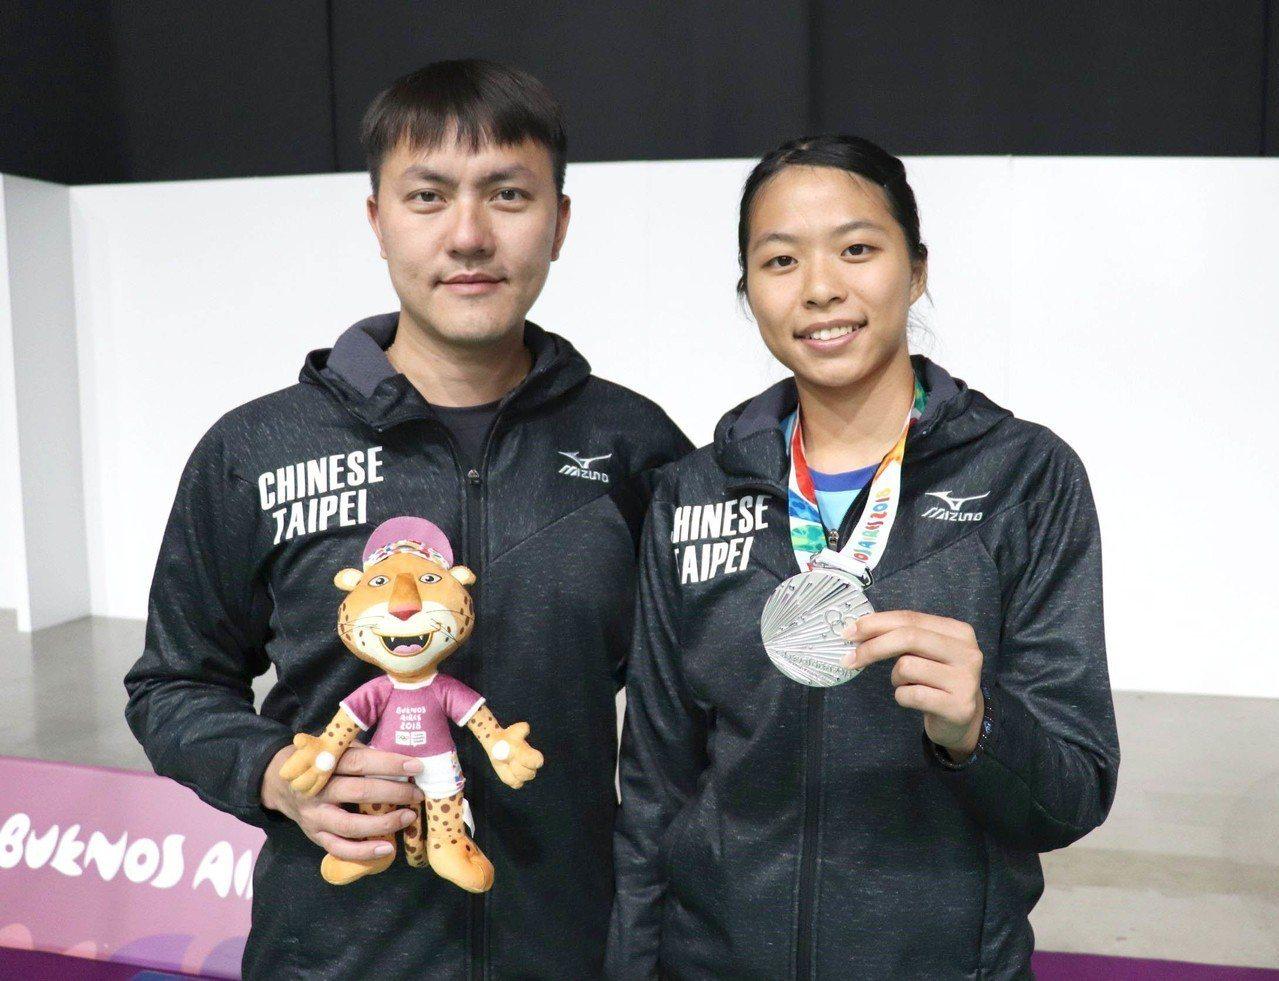 中租羽球隊黃映瑄(右)與教練楊鈞翔(左)合影。圖/中租提供